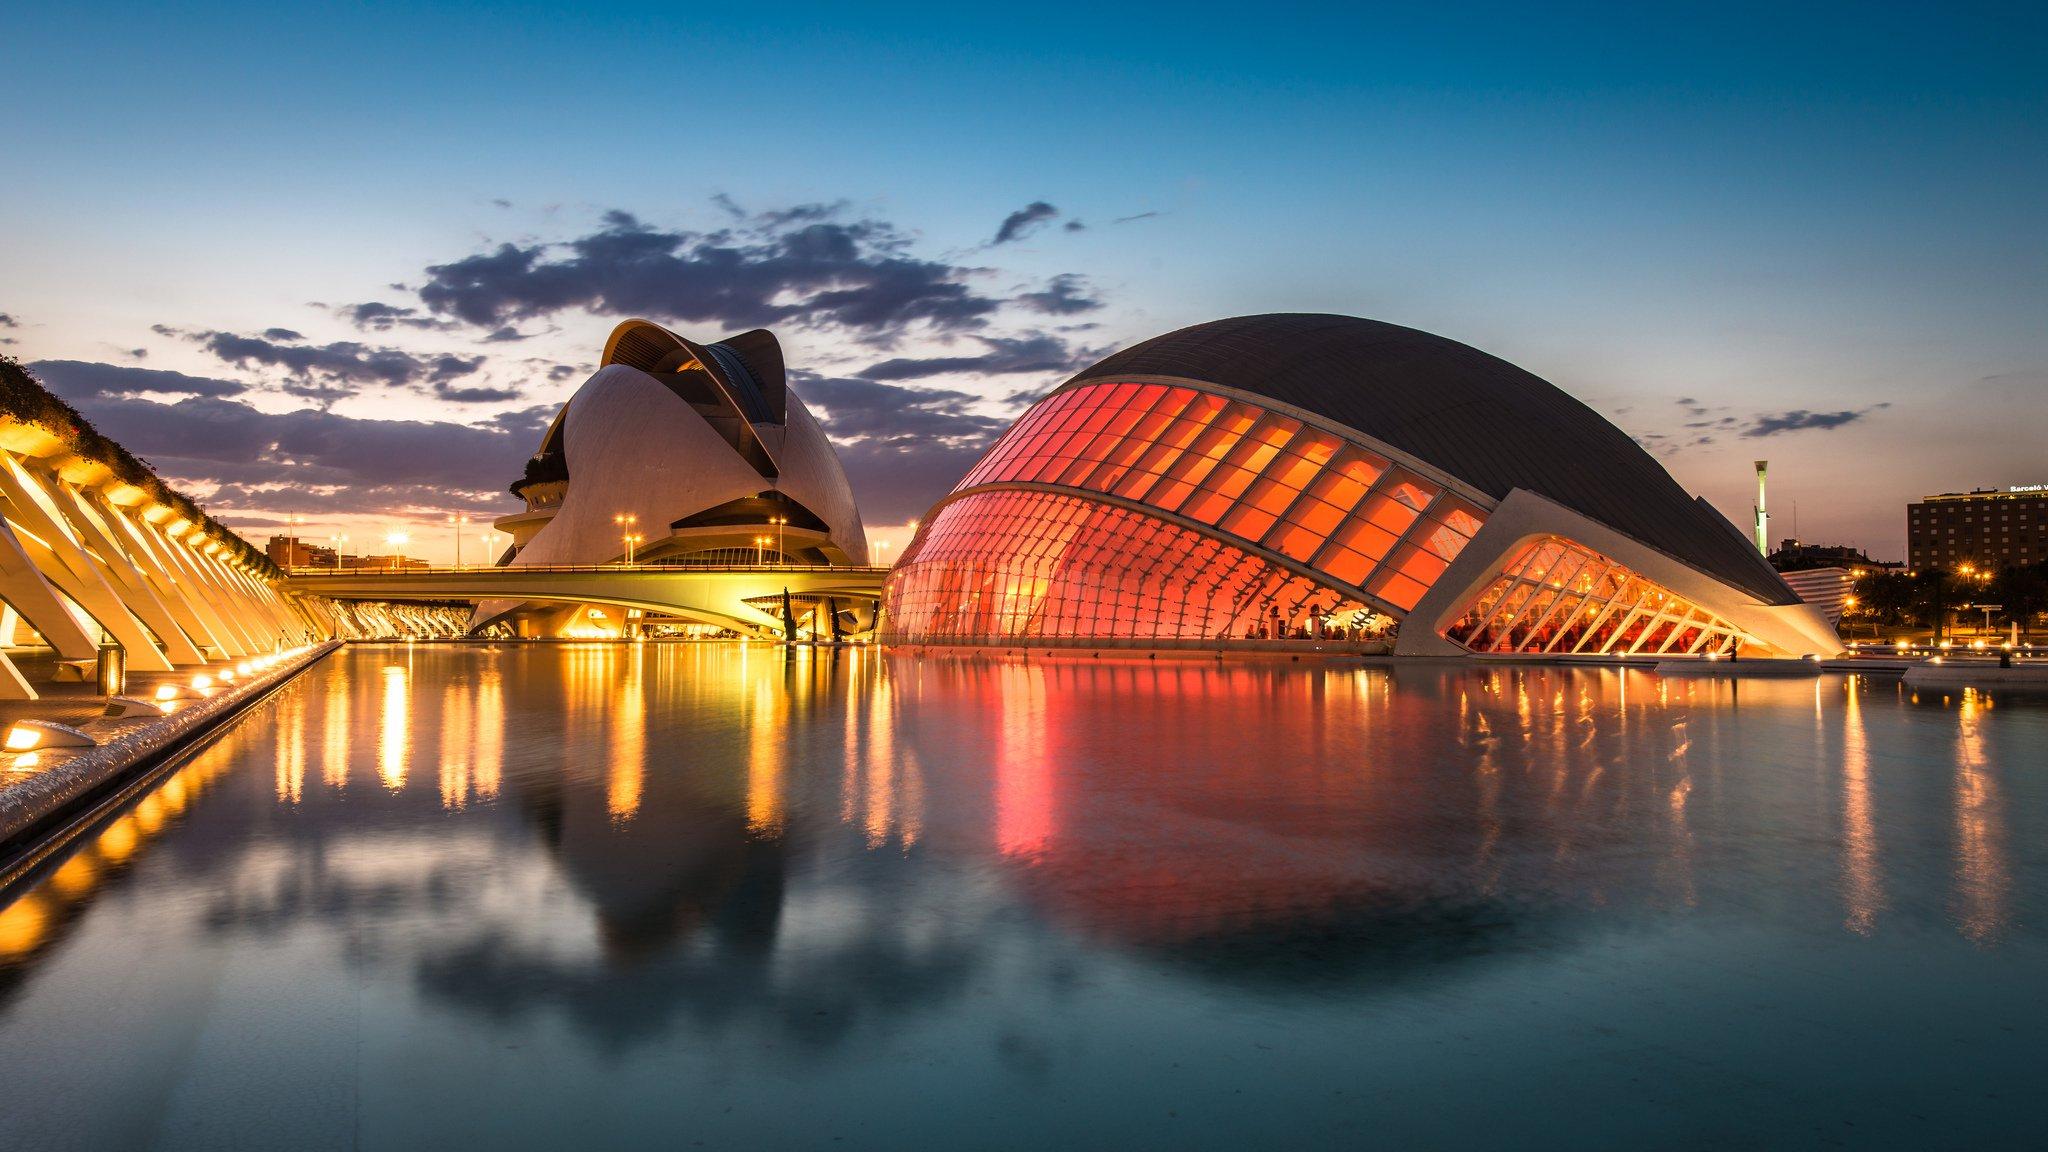 архитектура страны Испания онлайн